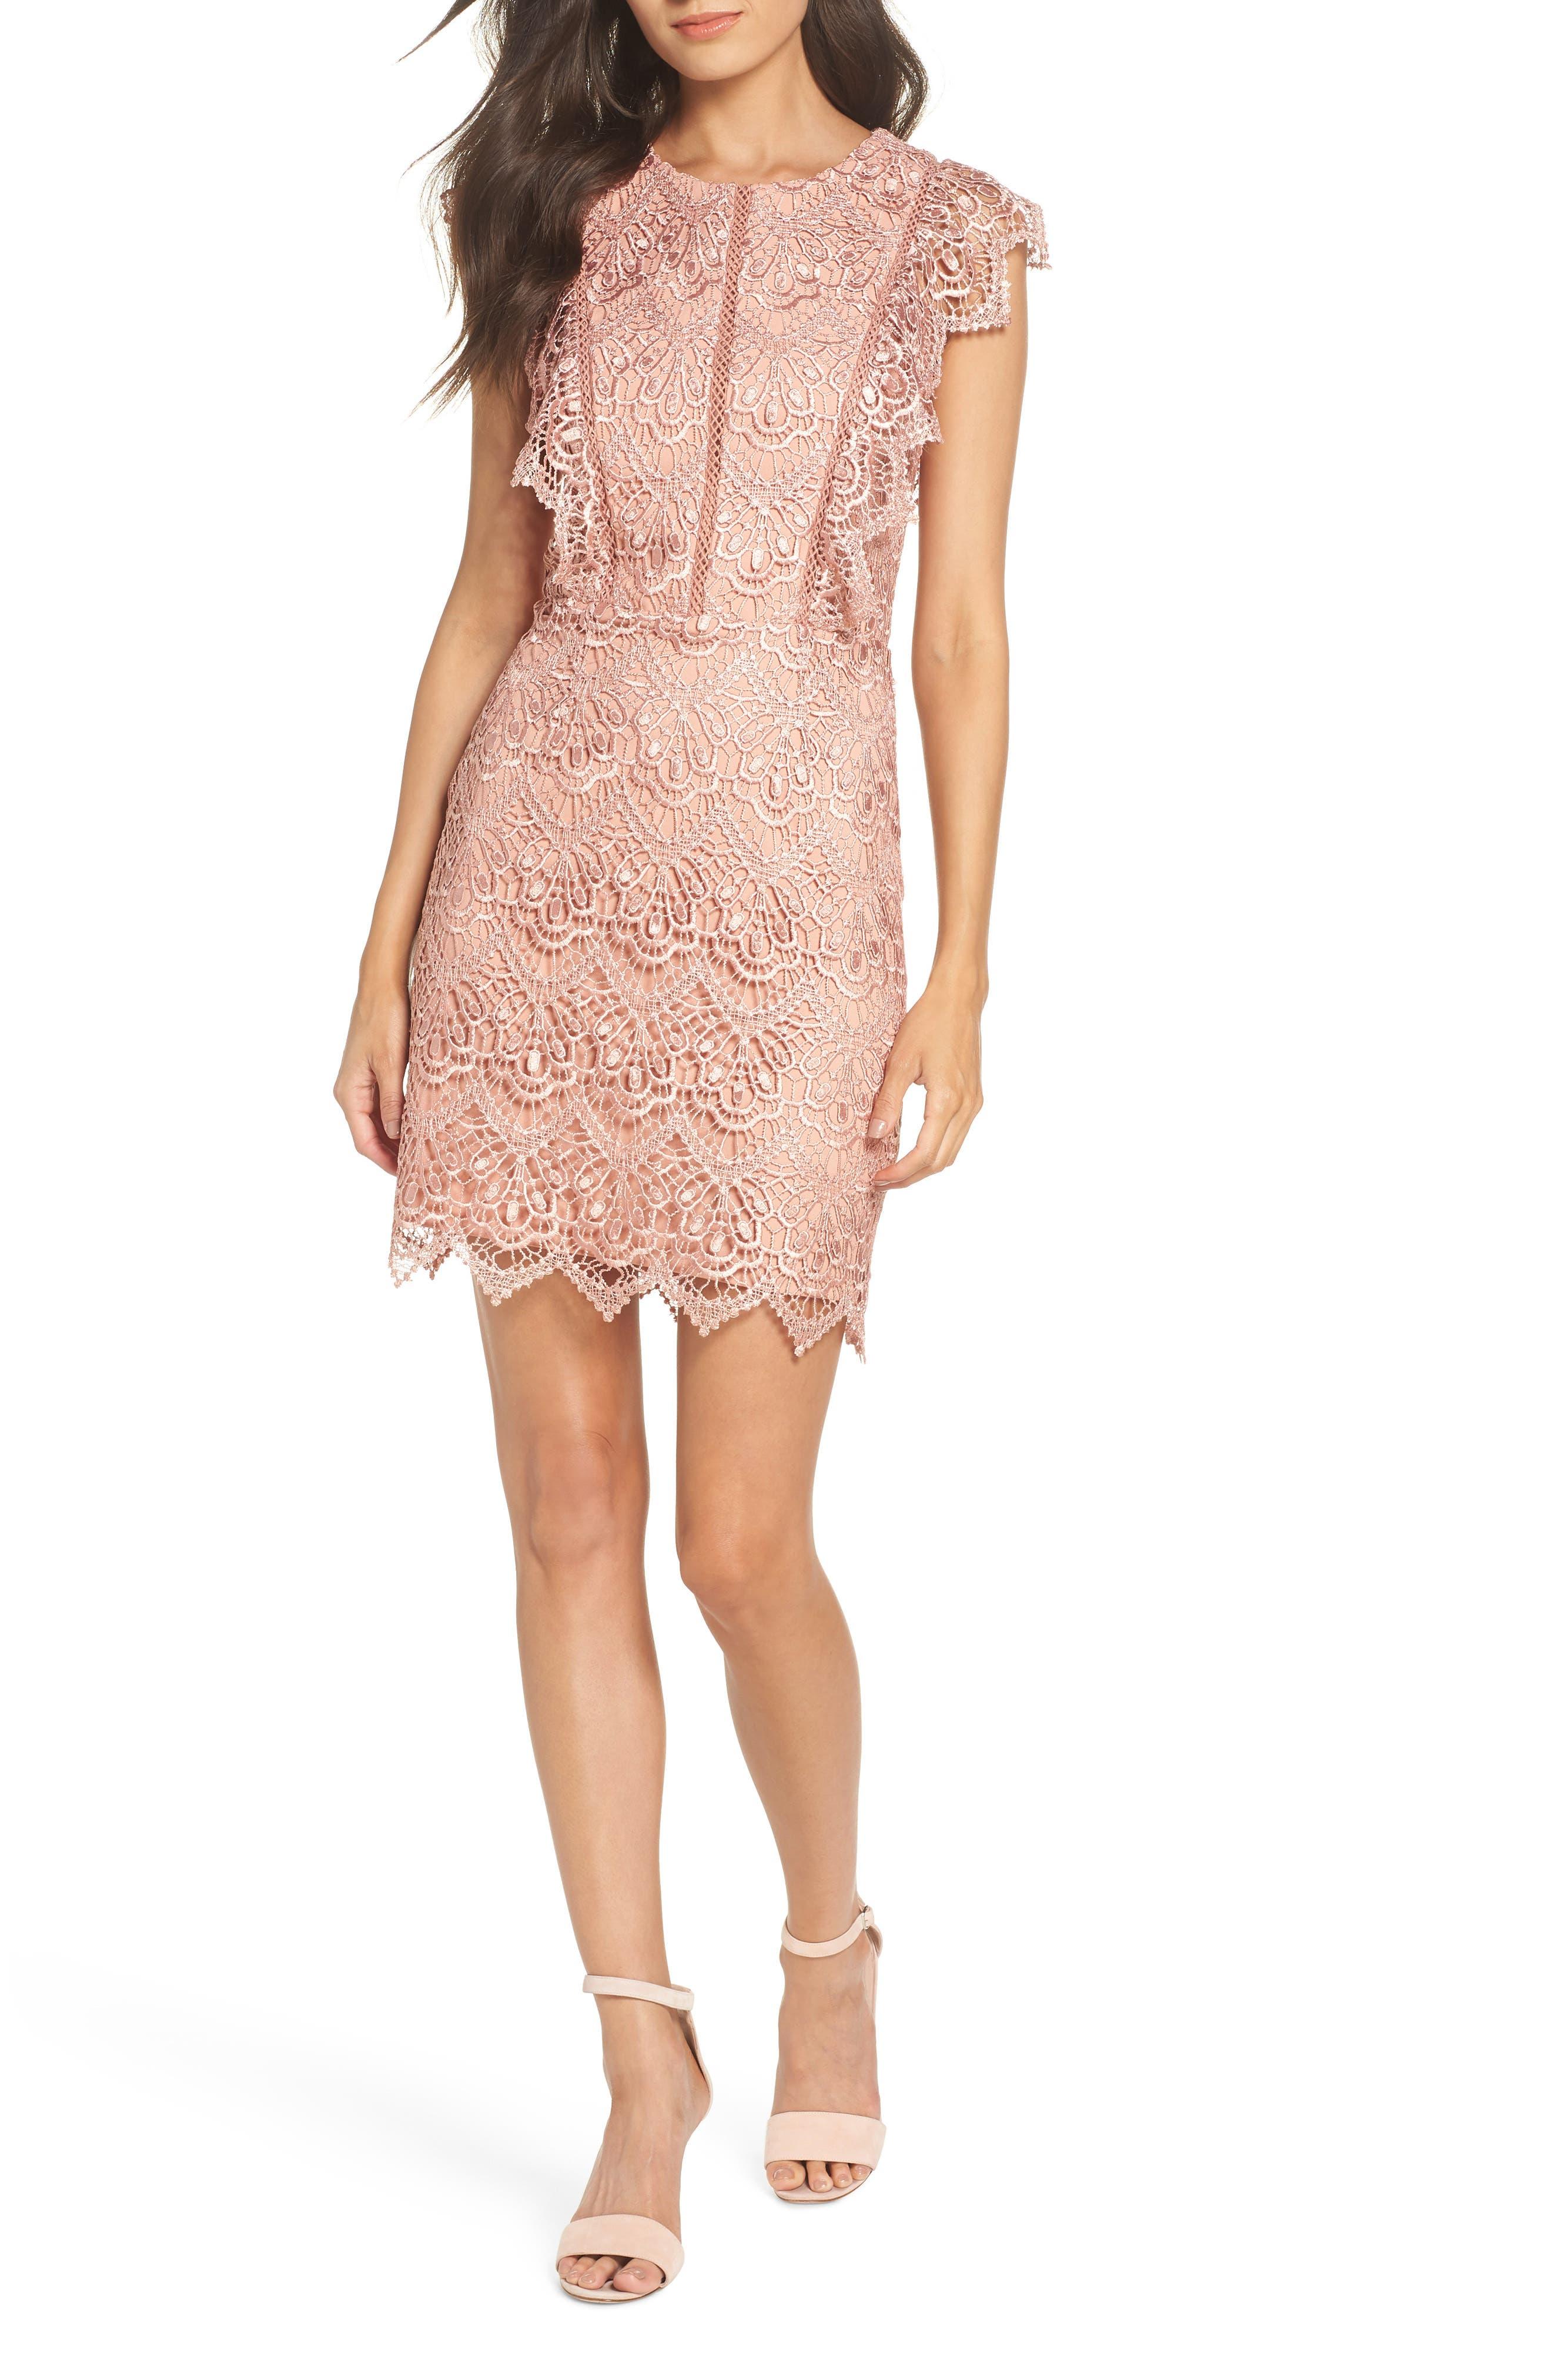 ADELYN RAE Raquel Lace Sheath Dress, Rose Gold